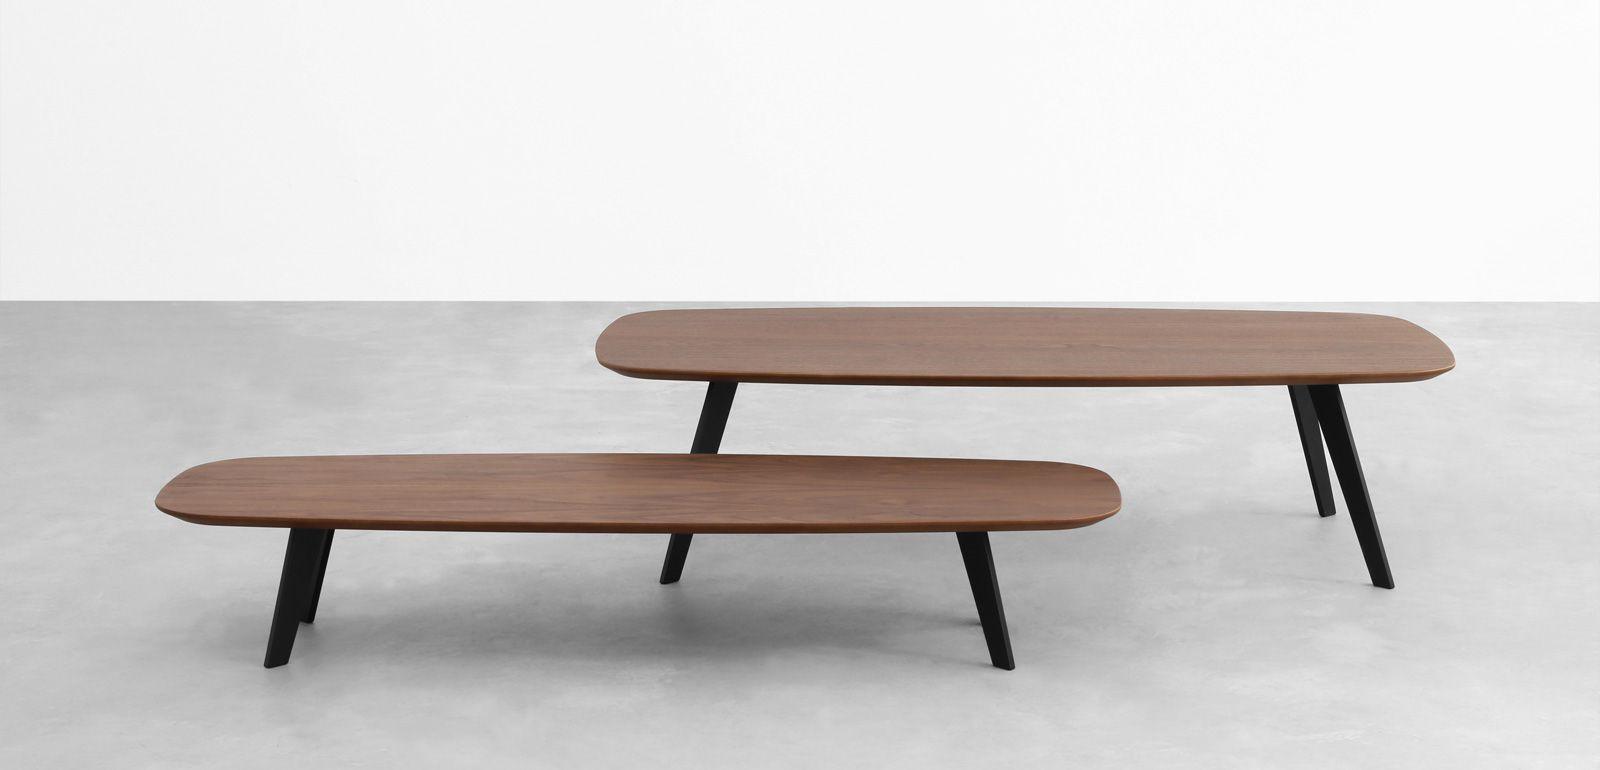 coup de c ur pour les nouvelles tables solapa stua silvera. Black Bedroom Furniture Sets. Home Design Ideas